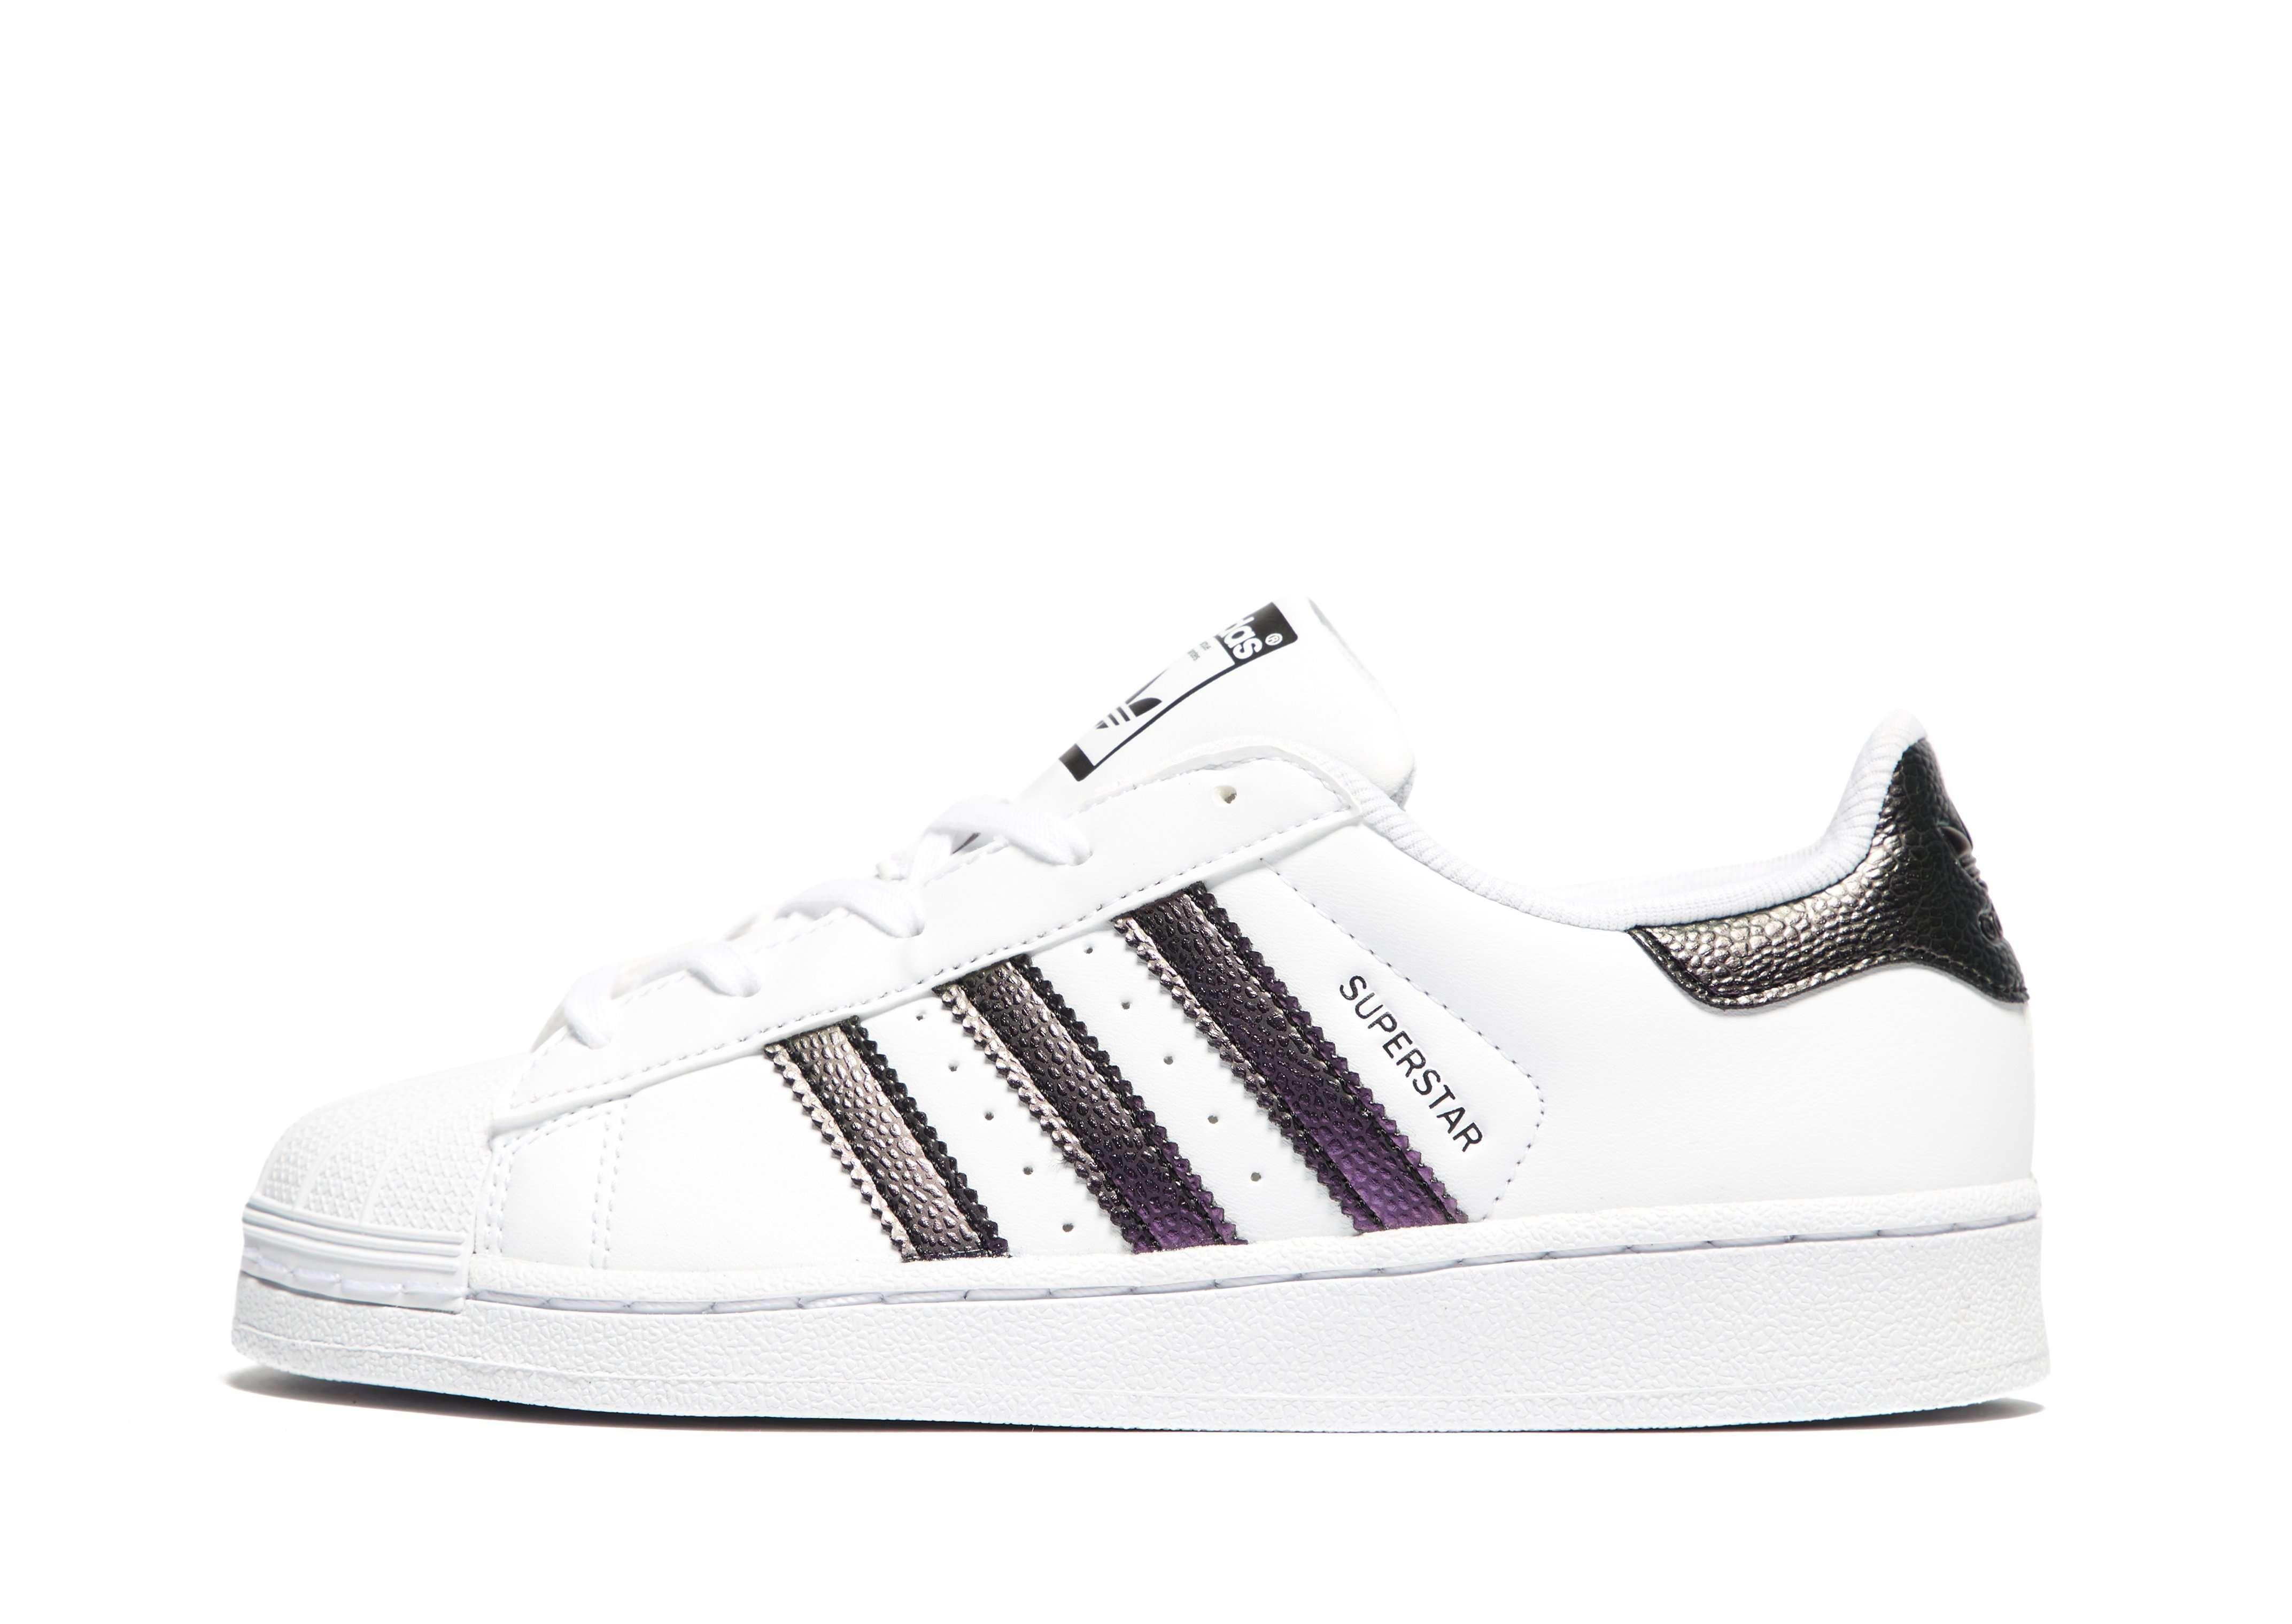 adidas Originals Superstar Children JD Sports Adidas